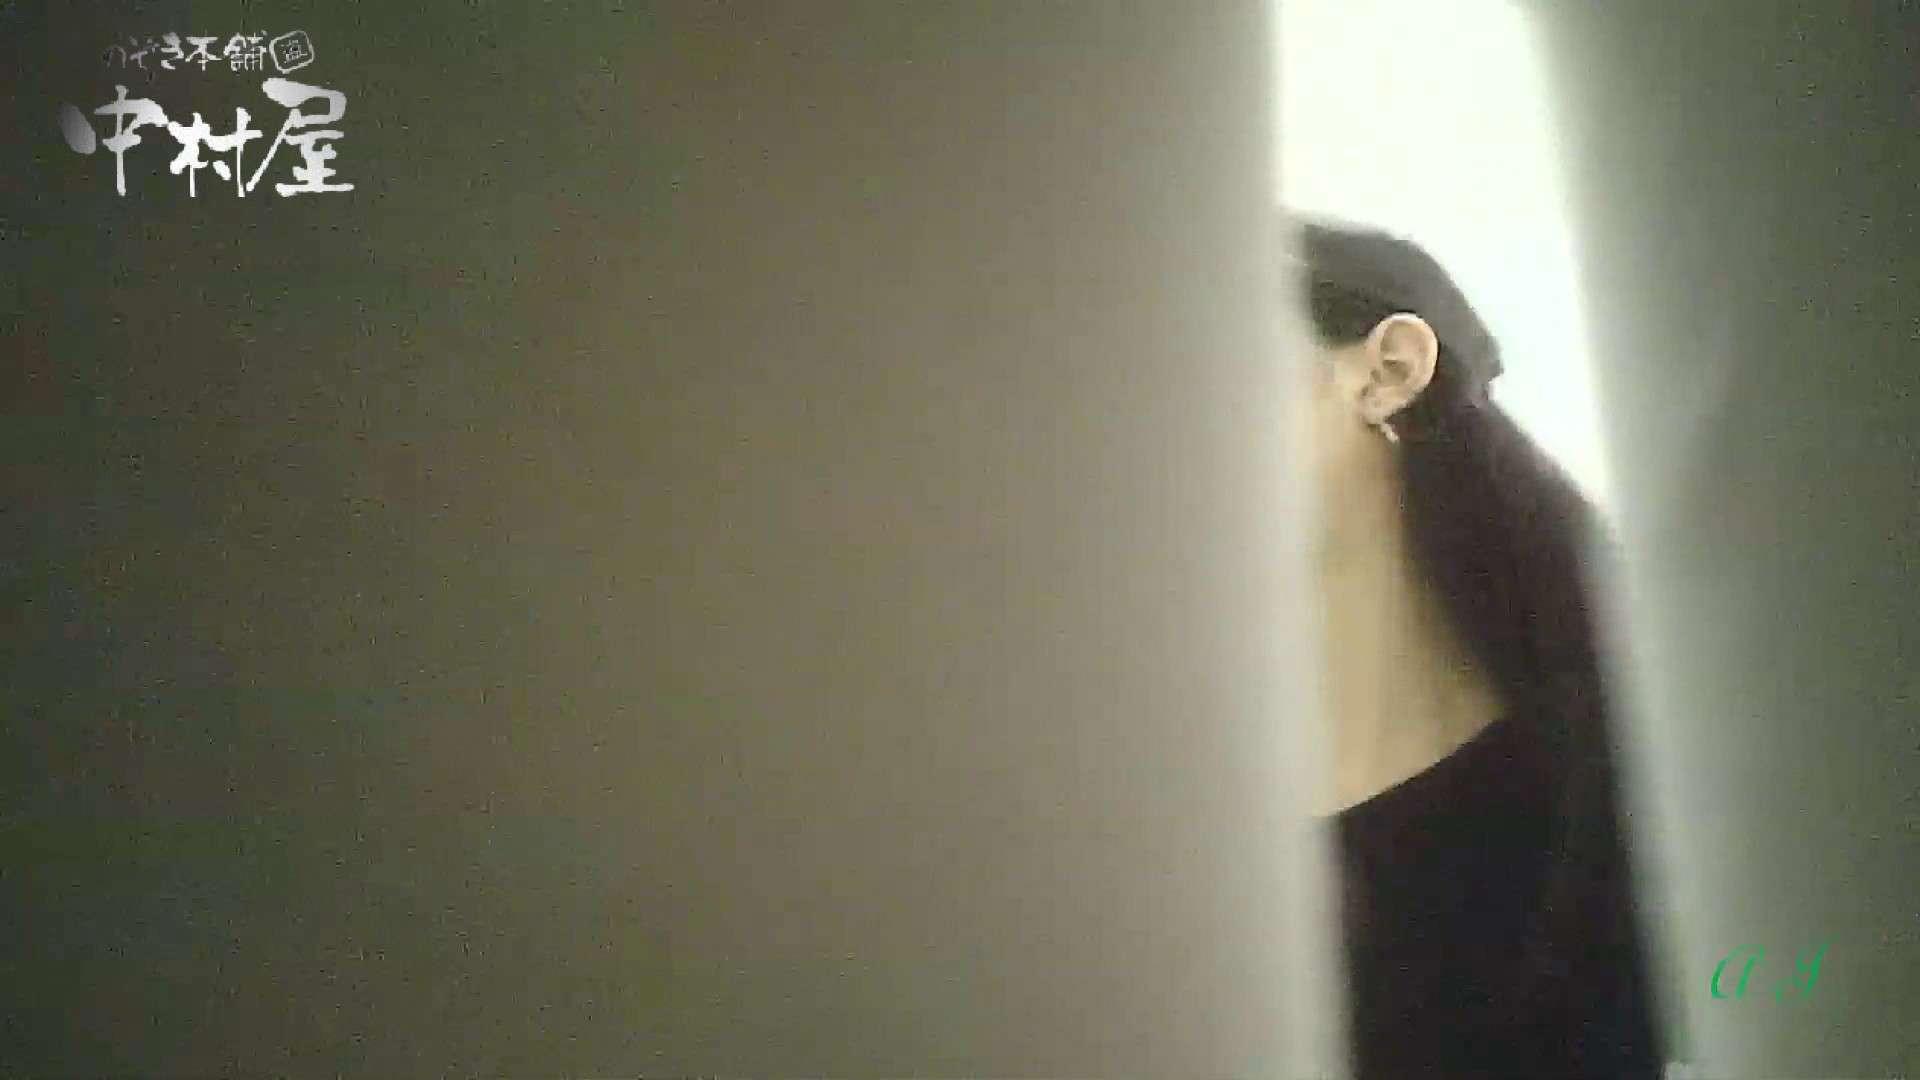 有名大学女性洗面所 vol.64 圧巻!総勢8名全員美女ばかり!! 潜入 女性器鑑賞 90pic 52